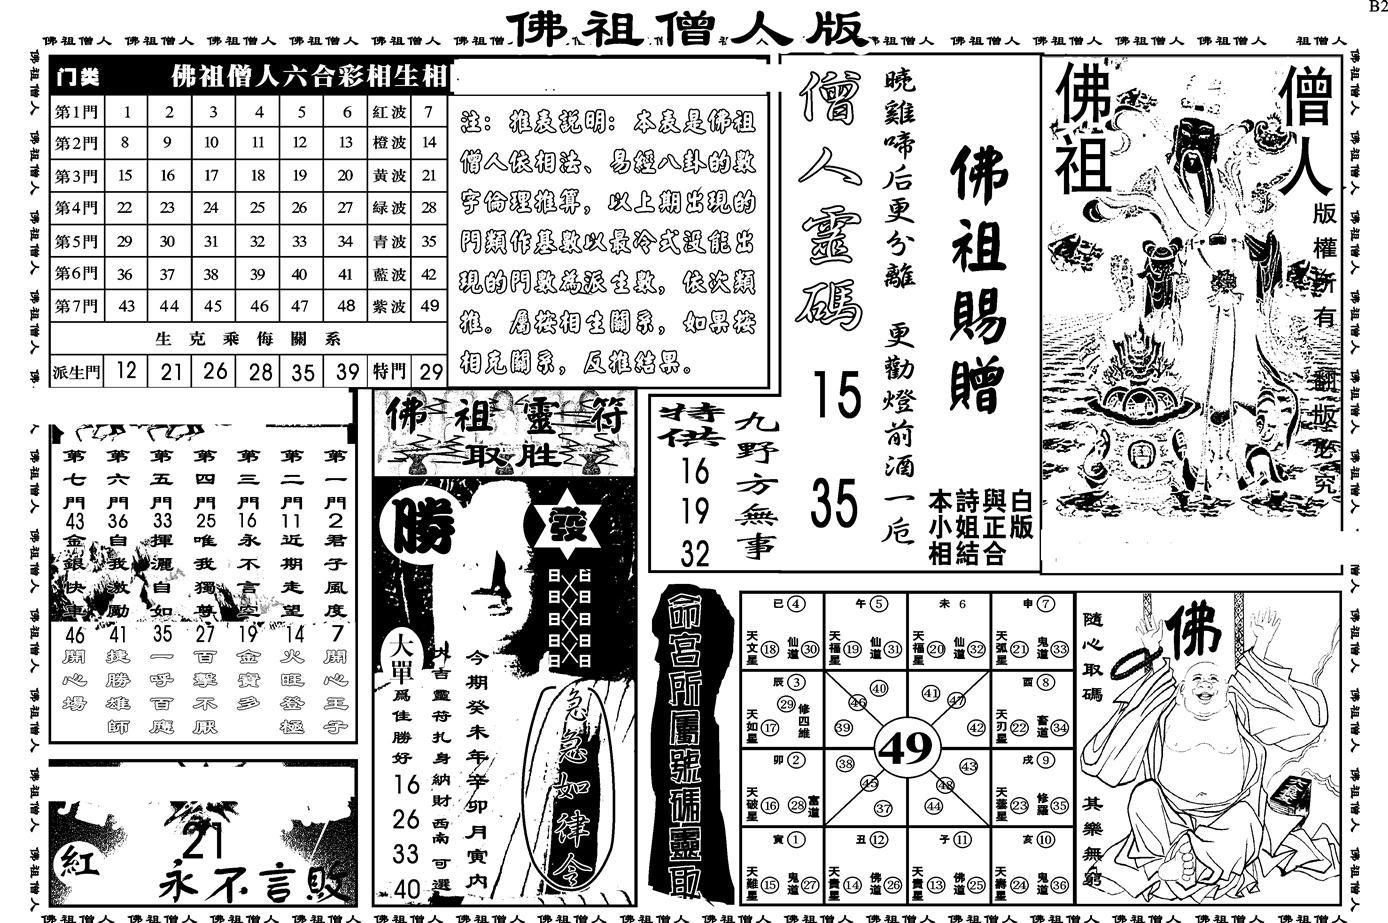 068期另版白姐绝密精选B(黑白)